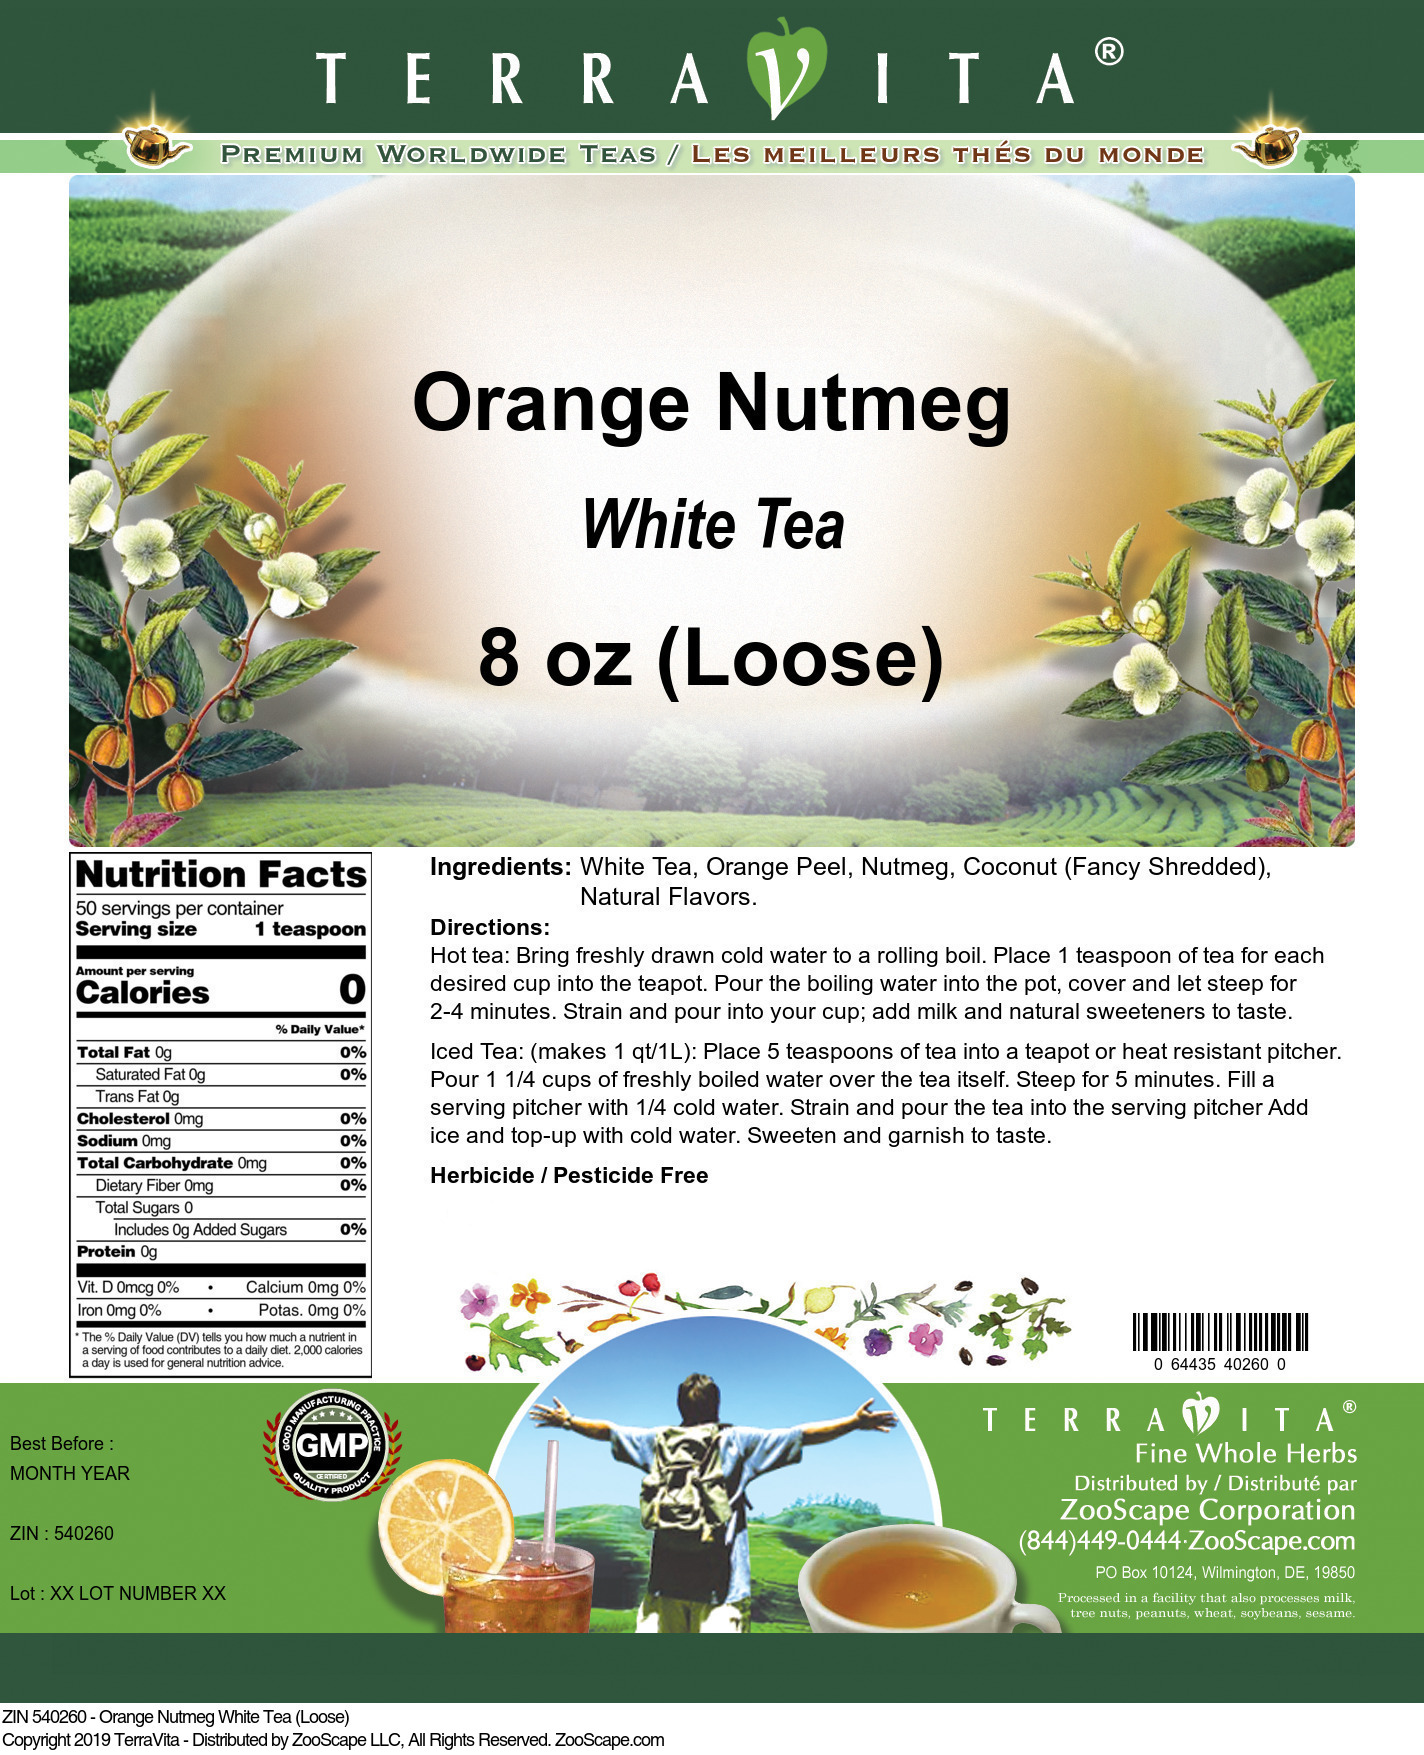 Orange Nutmeg White Tea